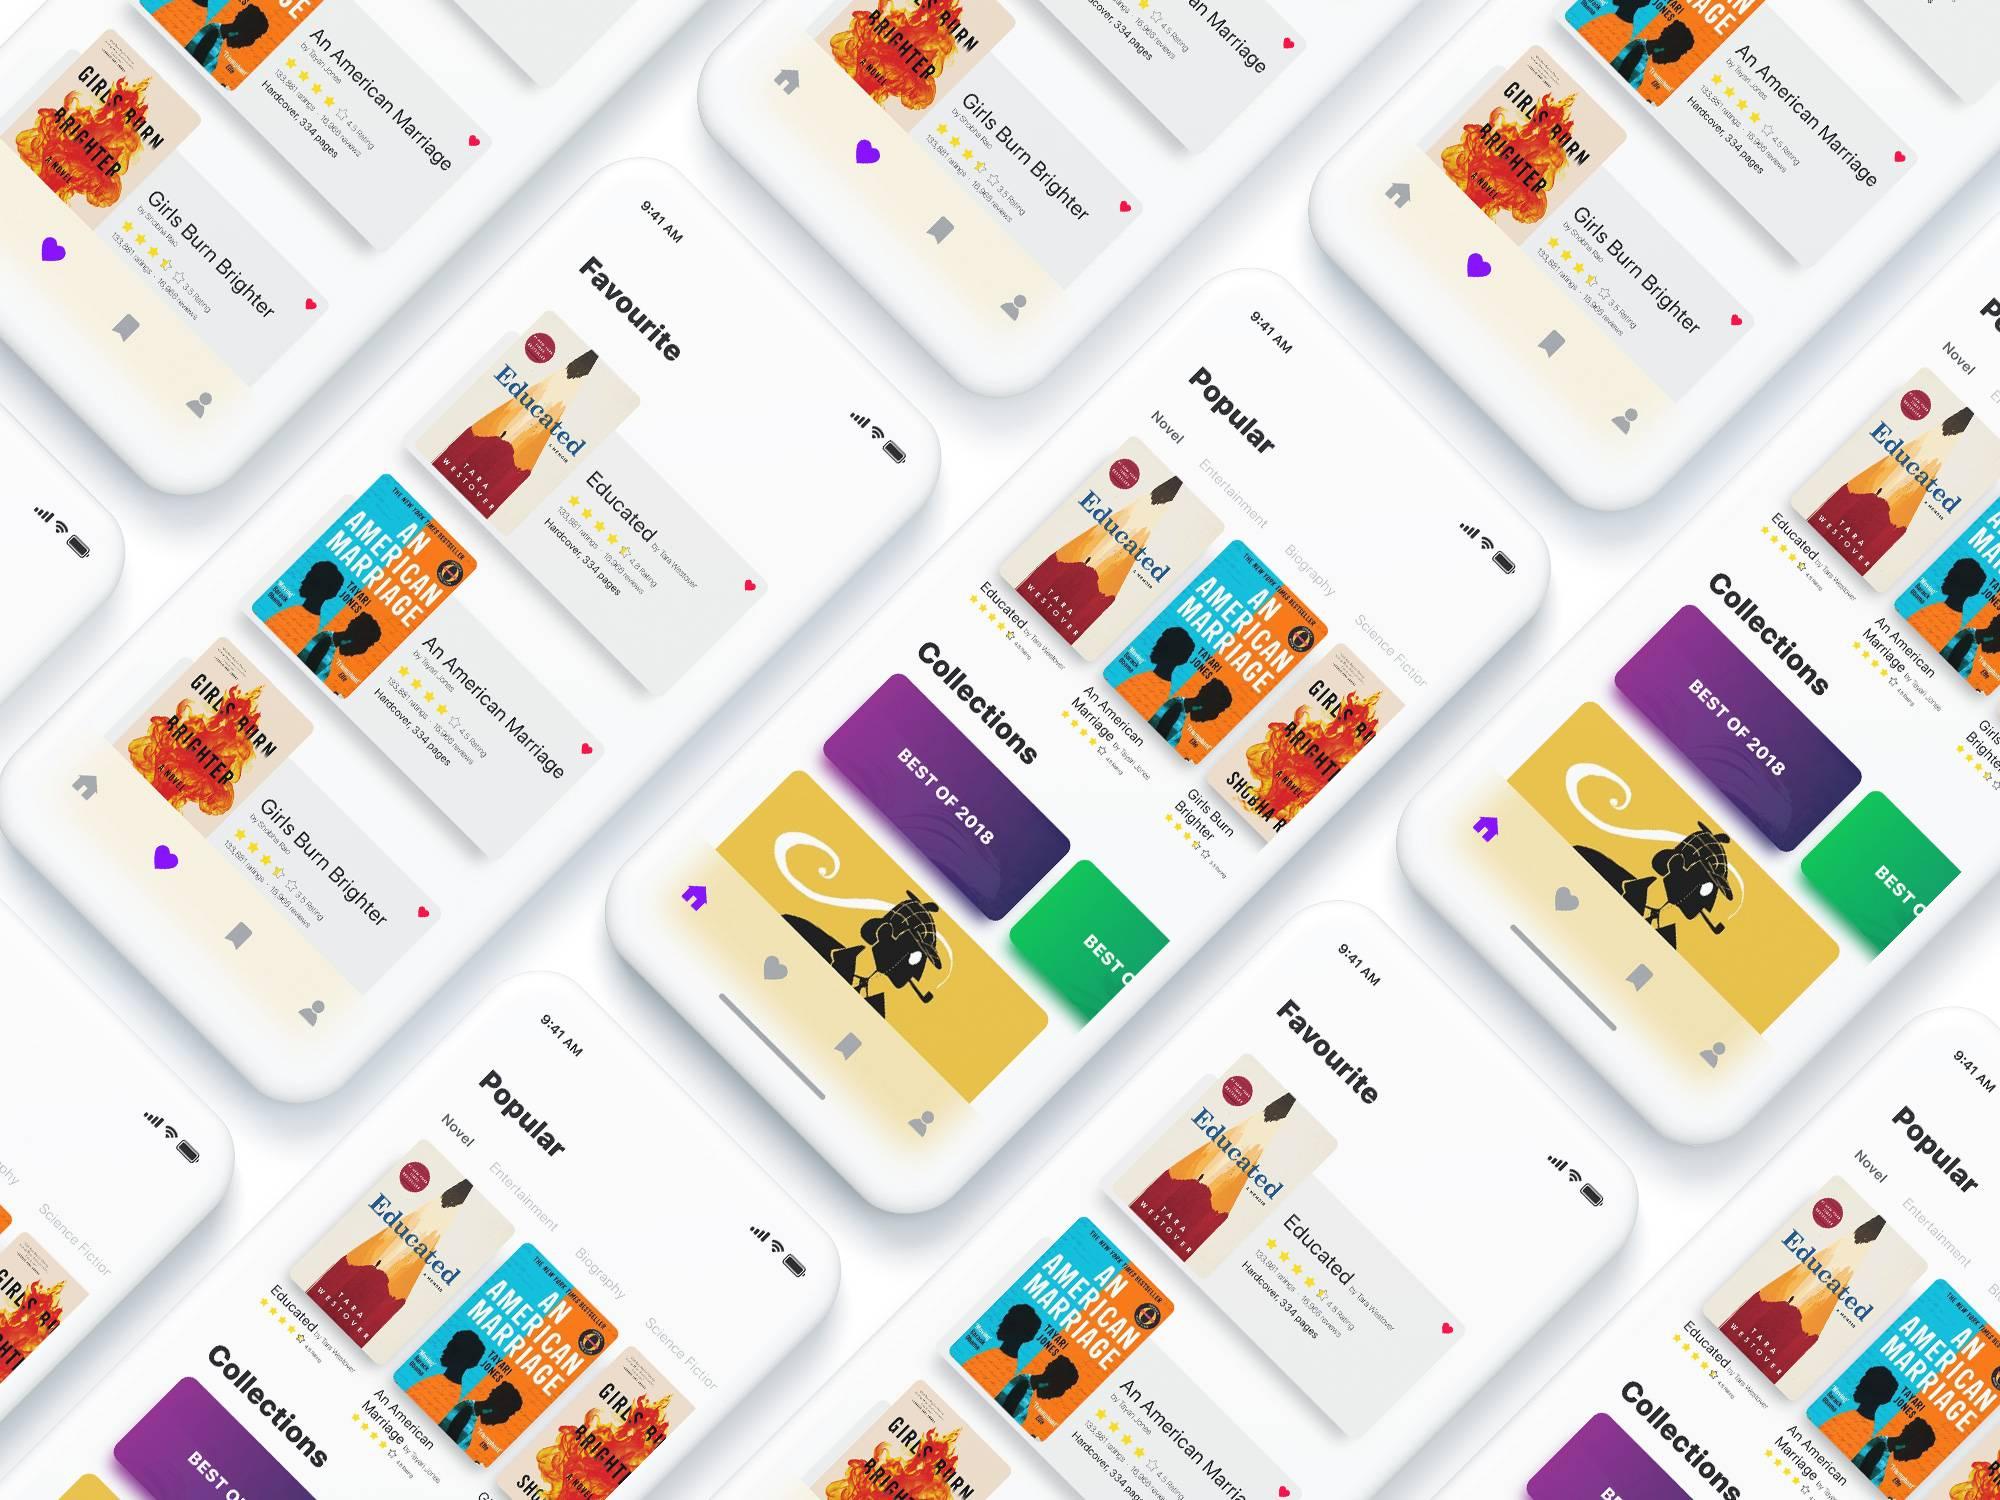 图书阅读eBook App UI界面设计 .ai素材下载 界面-第1张